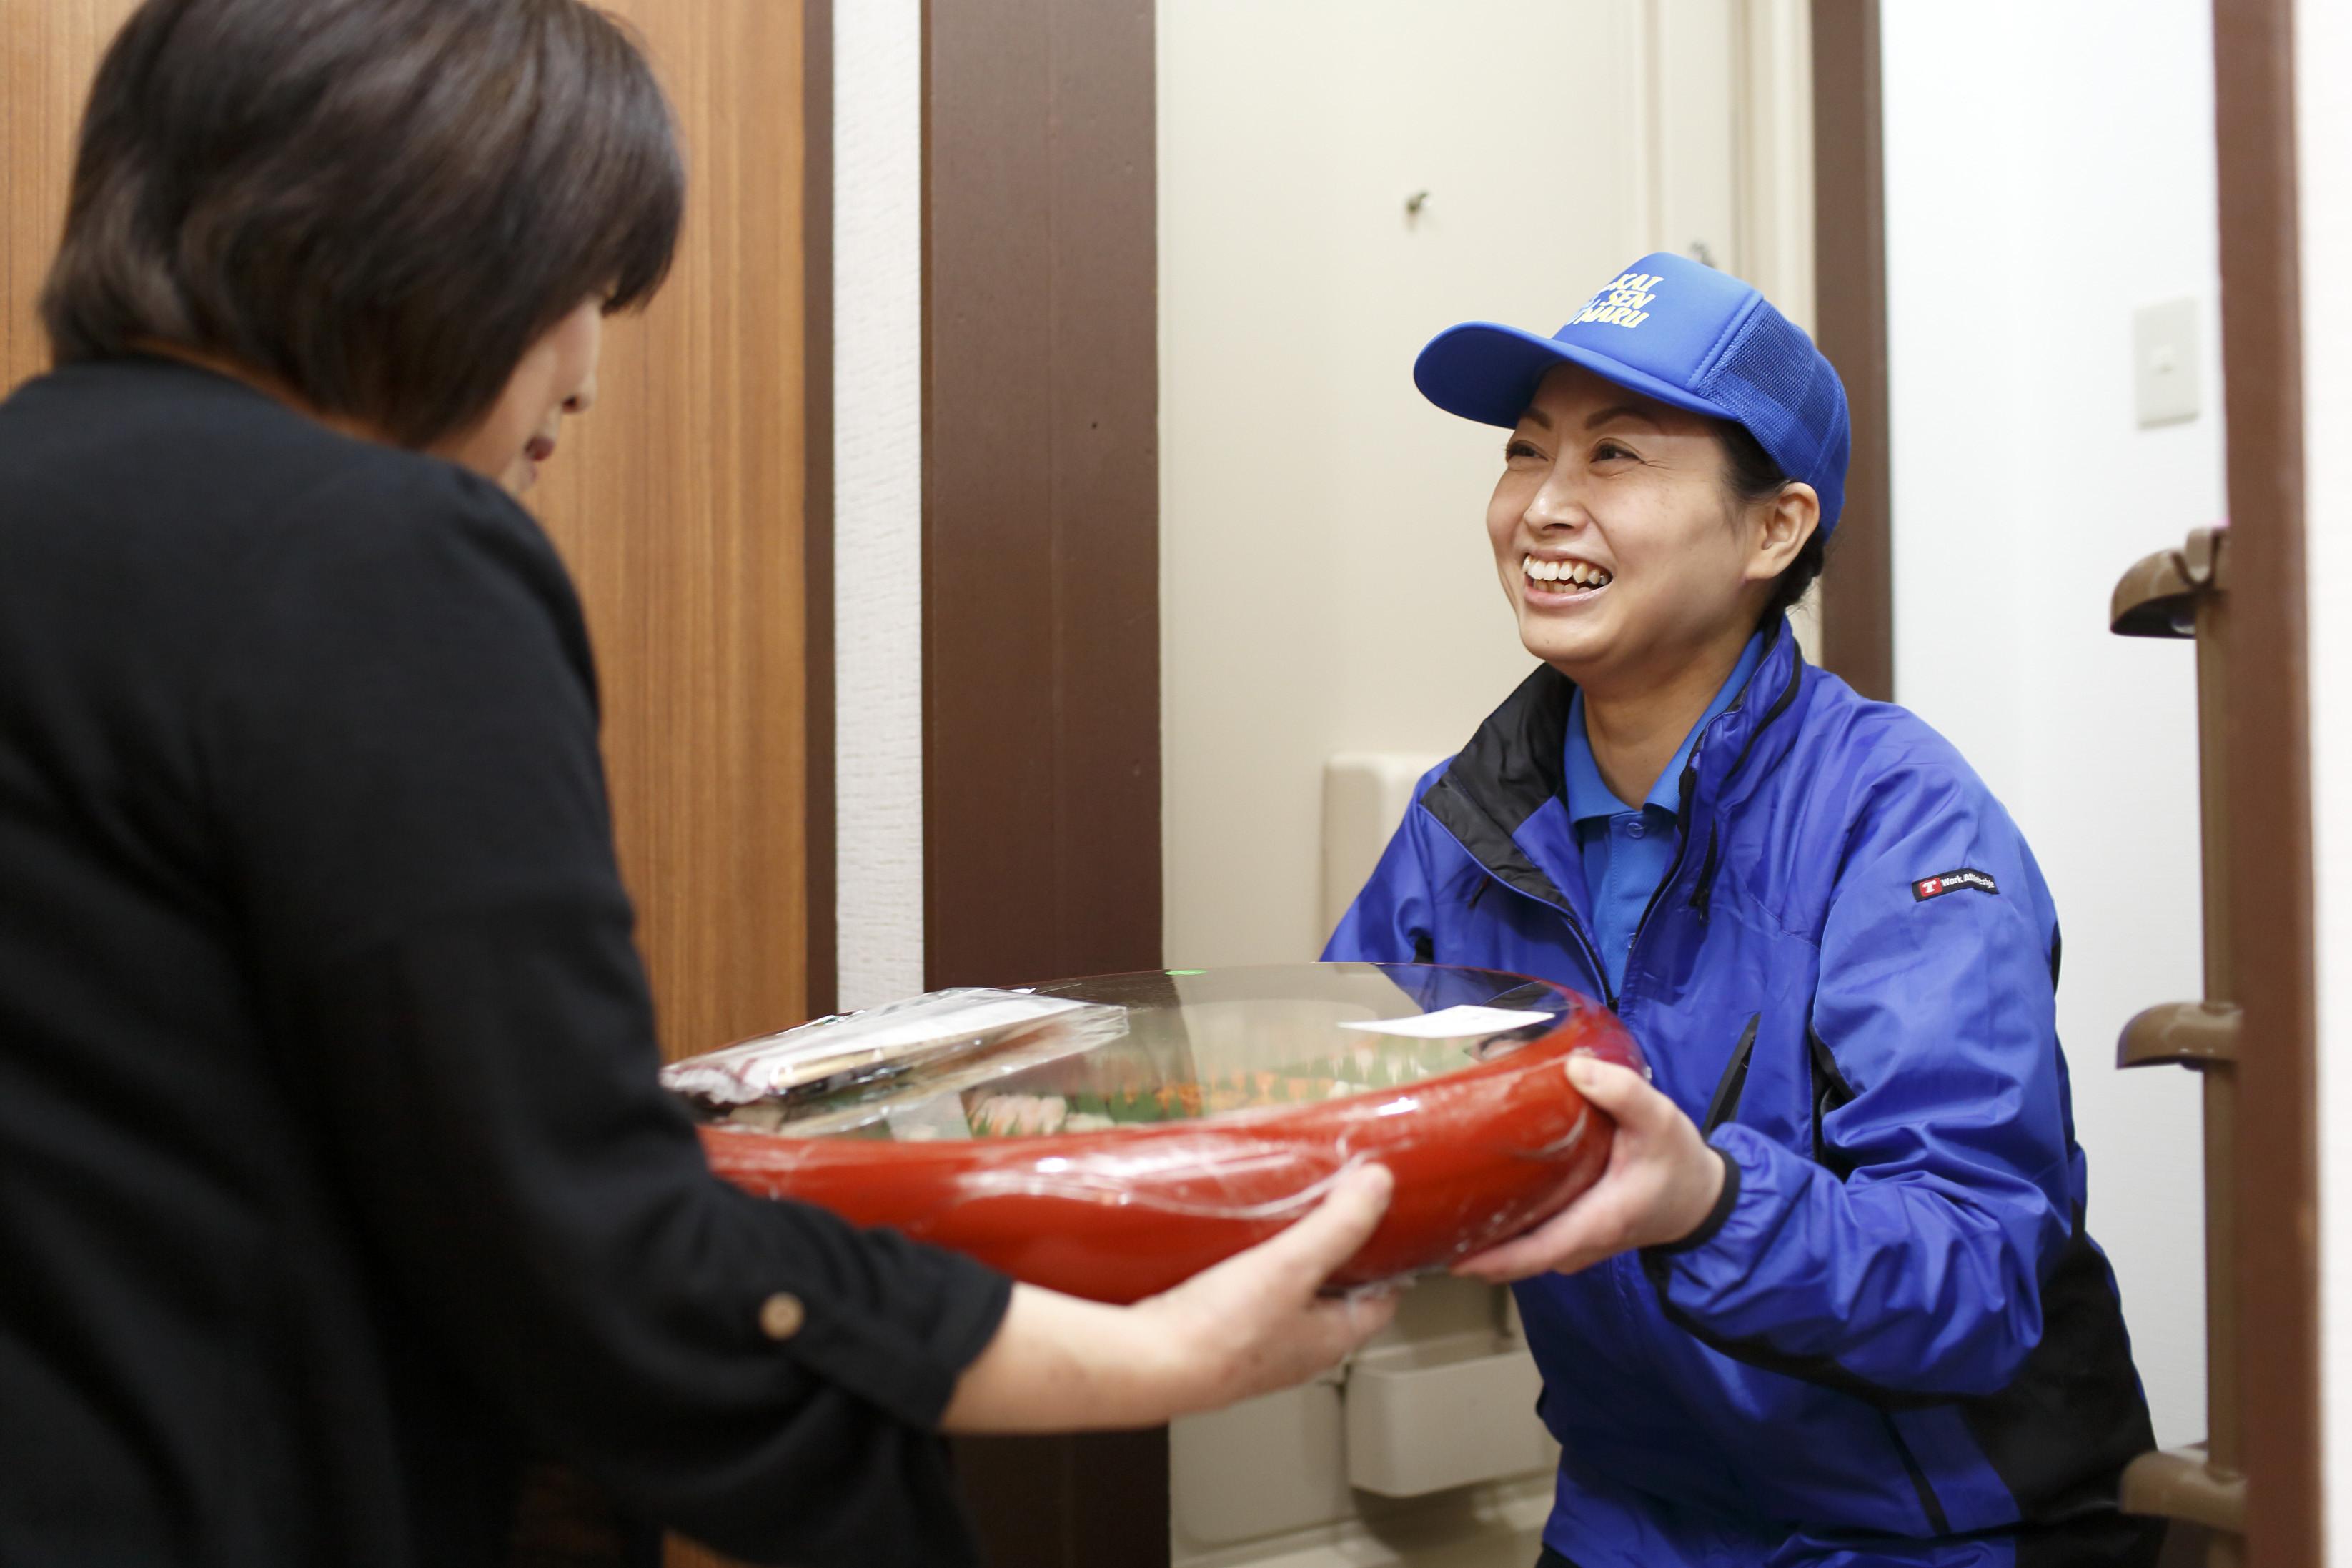 札幌海鮮丸 苫小牧西店 デリバリー(配達)スタッフのアルバイト情報